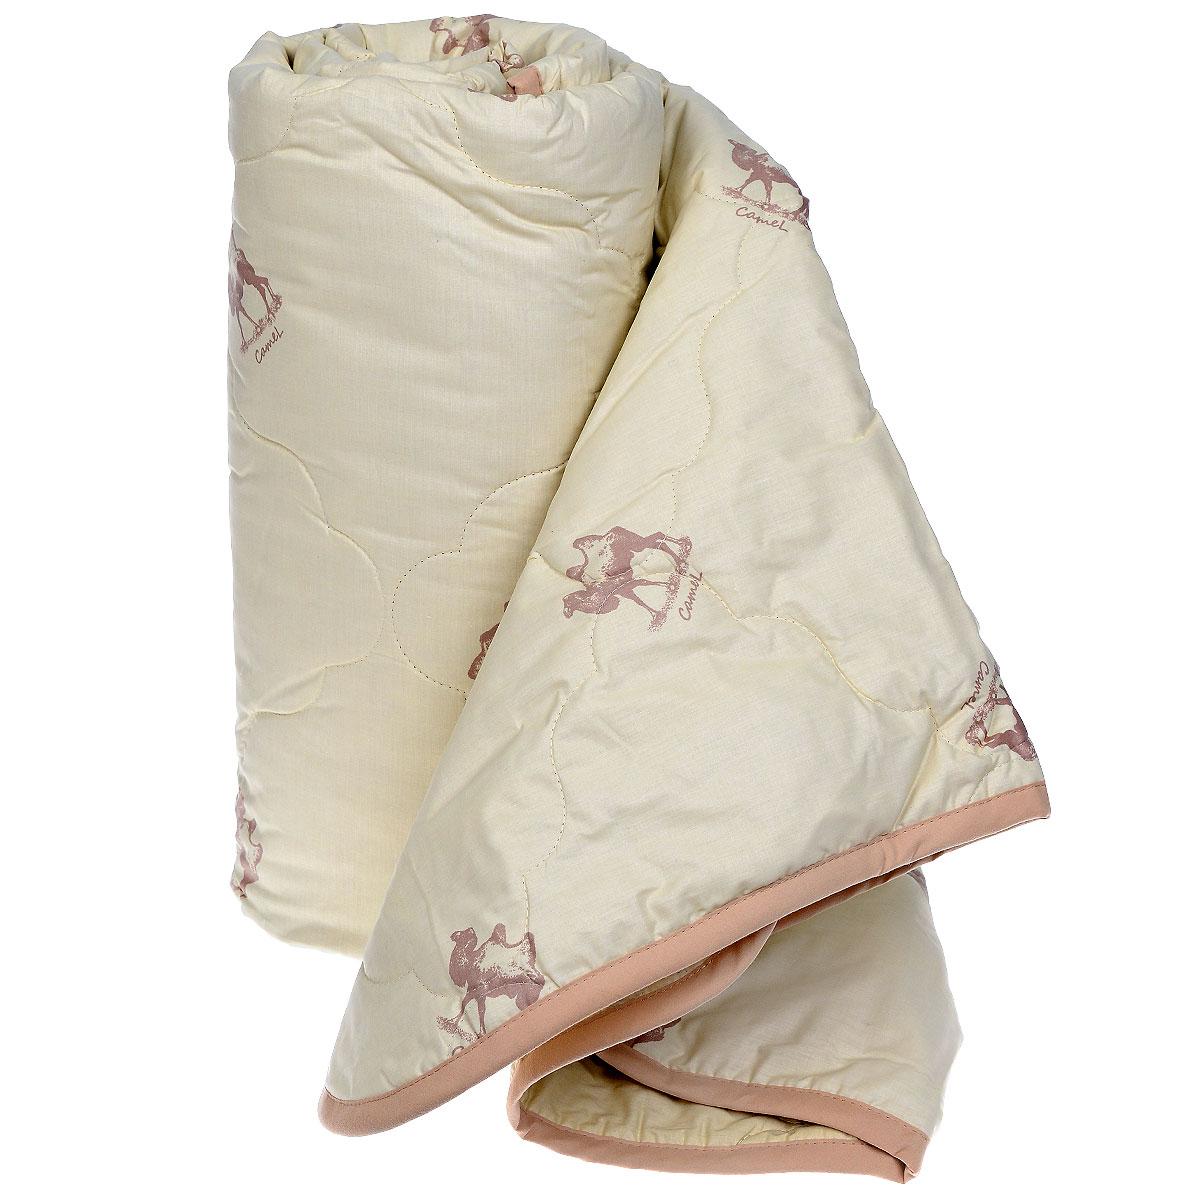 Одеяло Sova & Javoronok, наполнитель: верблюжья шерсть, цвет: бежевый, 172 см х 205 см5030116082Чехол одеяла Sova & Javoronok выполнен из высококачественного плотного материала тик(100% хлопок). Наполнитель одеяла изготовлен из верблюжьей шерсти. Стежка надежноудерживает наполнитель внутри и не позволяет ему скатываться.Особенности наполнителя: - исключительные терморегулирующие свойства; - высокое качество прочеса и промывки шерсти; - великолепные ощущения комфорта и уюта. Верблюжья шерсть обладает целебными качествами, содержит наиболее высокий процентланолина (животного воска), который является природным антисептиком и благоприятновоздействует на организм по целому ряду показателей: оказывает благотворное действие намышцы, суставы, позвоночник, нормализует кровообращение, имеет профилактическийэффект при заболевания опорно-двигательного аппарата. Кроме того, верблюжья шерстьантистатична.Шерсть верблюда сохраняет прохладу в период жаркого лета и удерживает тепло во времясуровой зимы.Одеяло упакована в прозрачный пластиковый чехол на змейке с ручкой, что являетсячрезвычайно удобным при переноске. Рекомендации по уходу: - Стирка запрещена, - Нельзя отбеливать. При стирке не использовать средства, содержащие отбеливатели (хлор),- Не гладить. Не применять обработку паром, - Химчистка с использованием углеводорода, хлорного этилена, - Нельзя выжимать и сушить в стиральной машине.Размер одеяла: 172 см х 205 см.Материал чехла: тик (100% хлопок).Материал наполнителя: верблюжья шерсть.